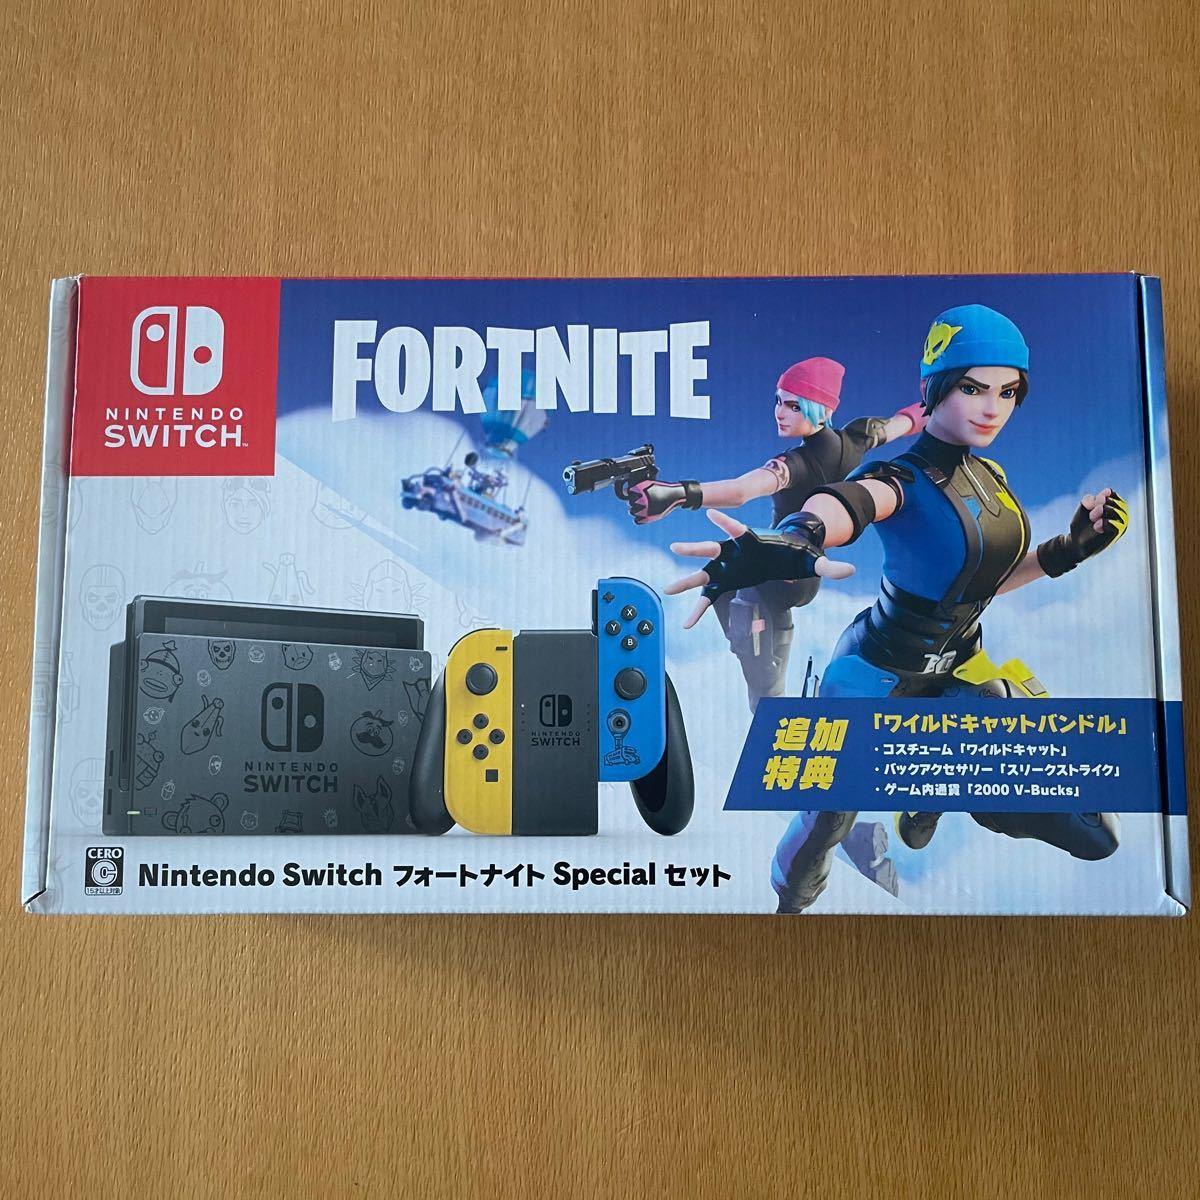 【訳あり】未使用 Nintendo Switch ニンテンドー スイッチ 新型 本体 フォートナイト 2台目向け